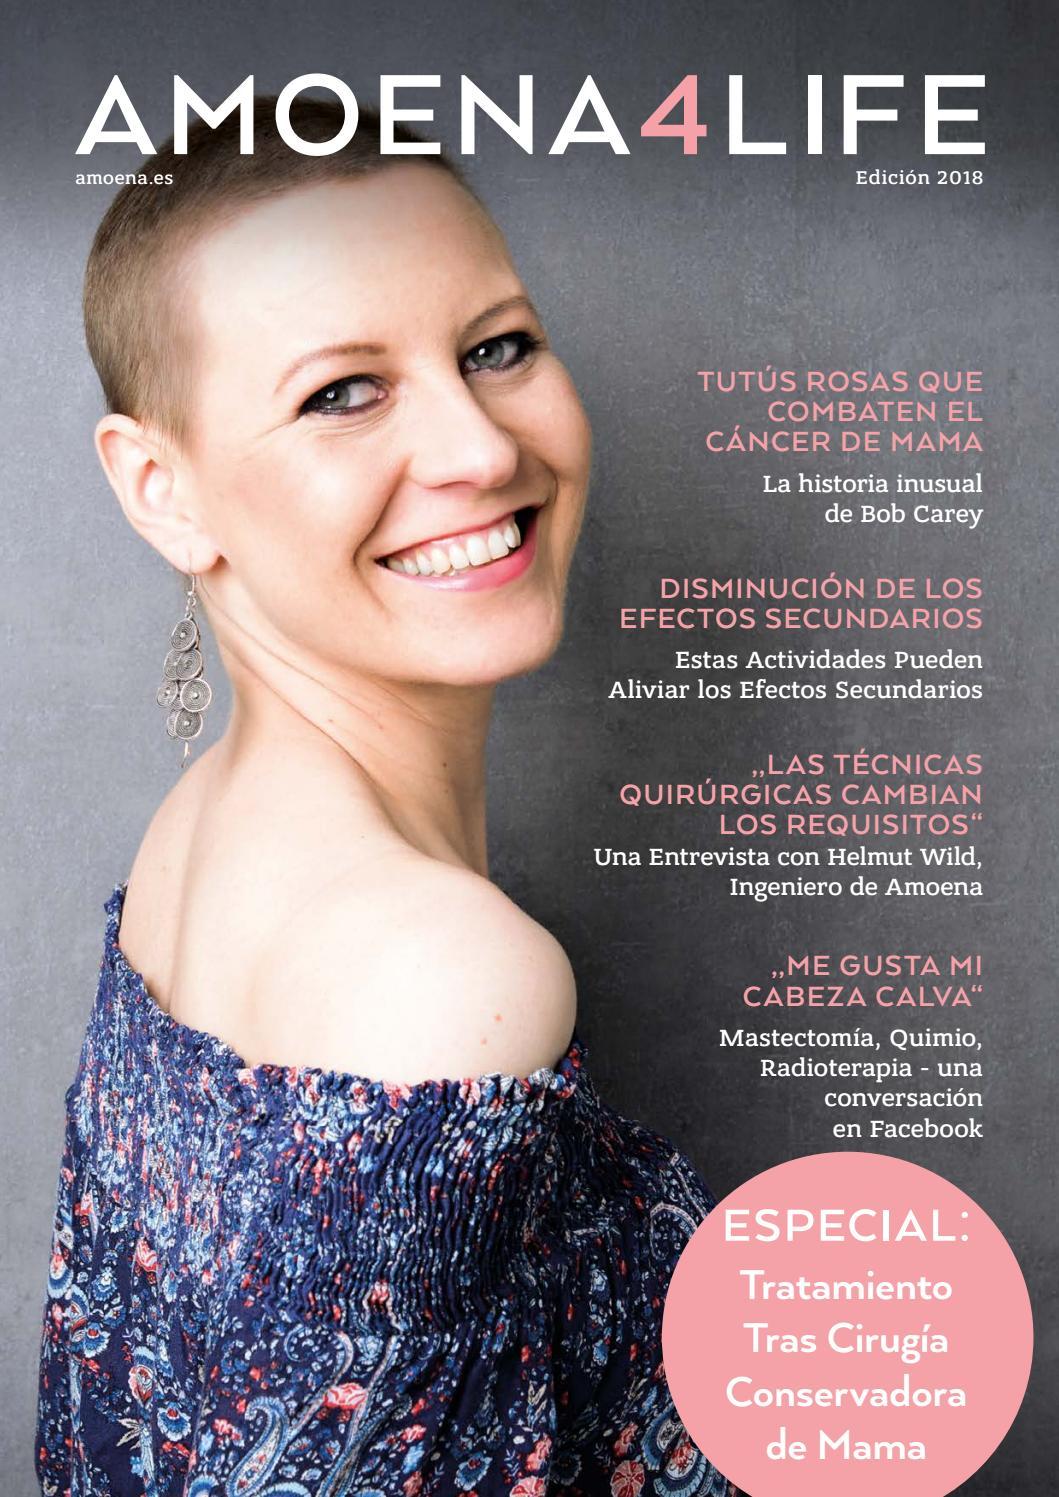 dieta cetogénica después del cáncer de seno